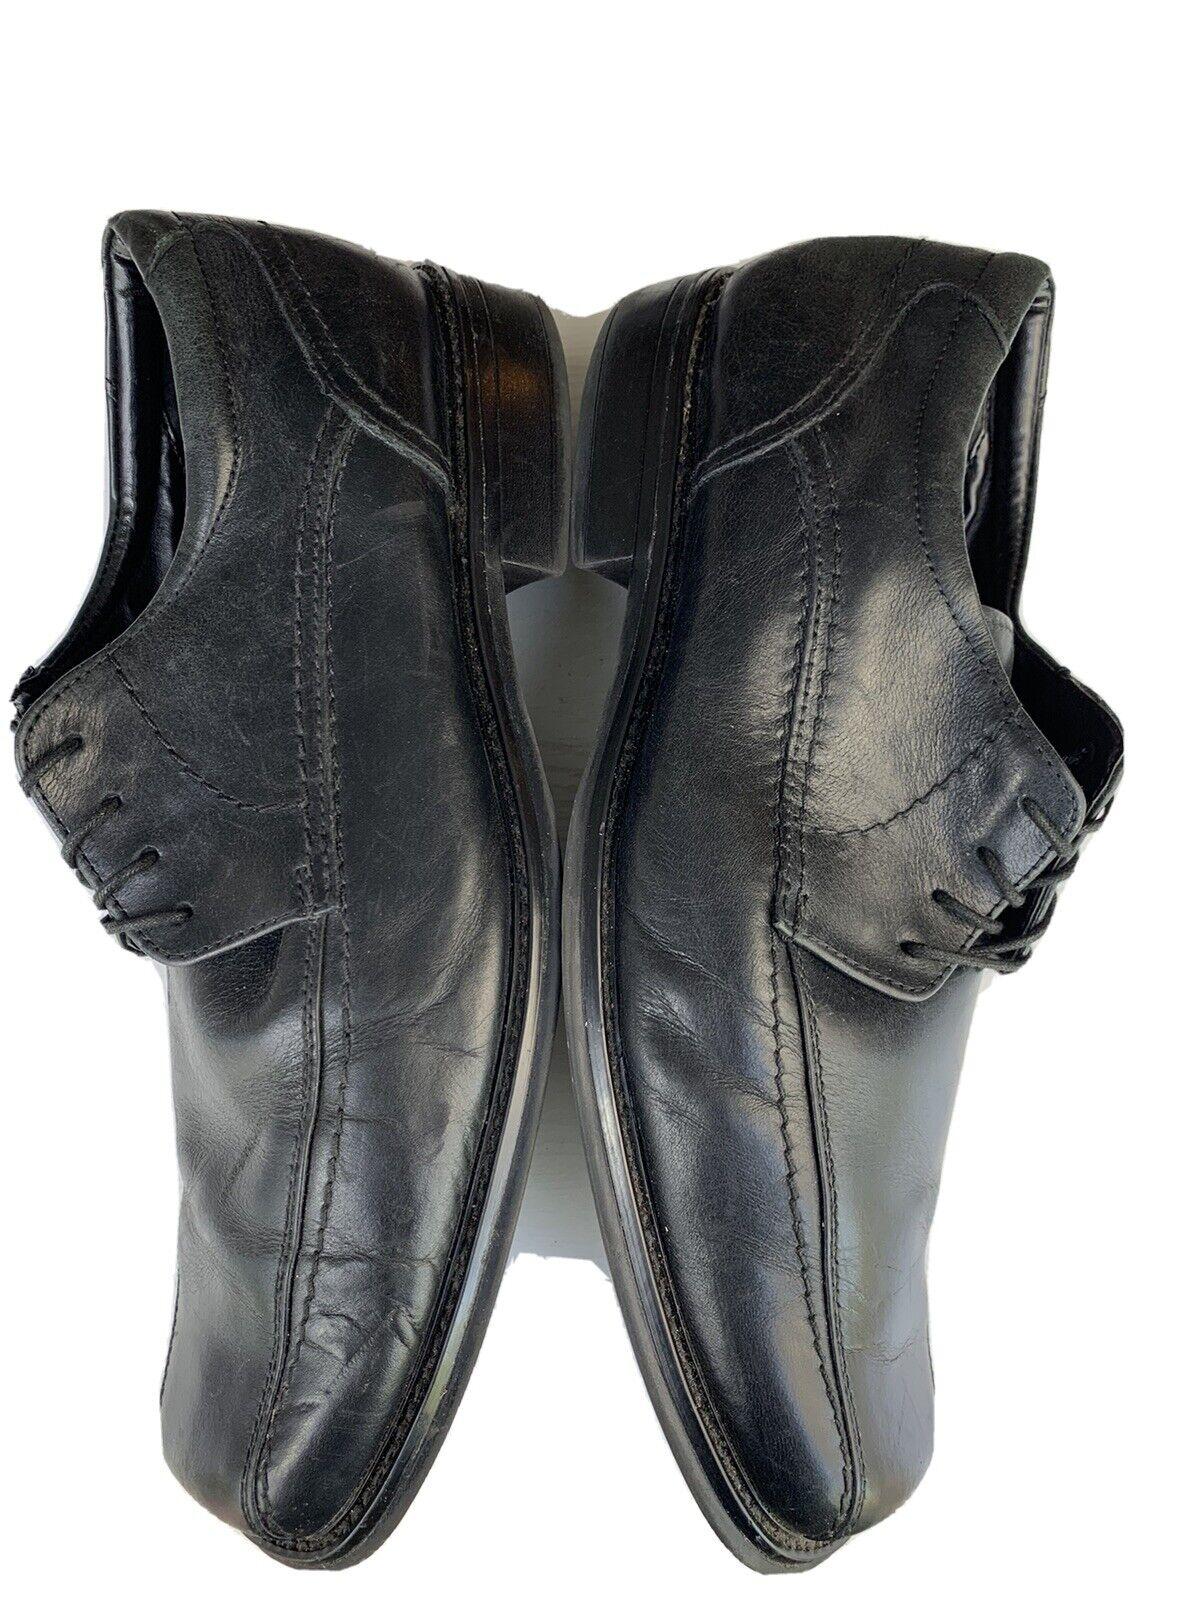 JOSEPH ABBOUD Oxford Square Toe Sz 11 M Black Leather Shoes 097-5014